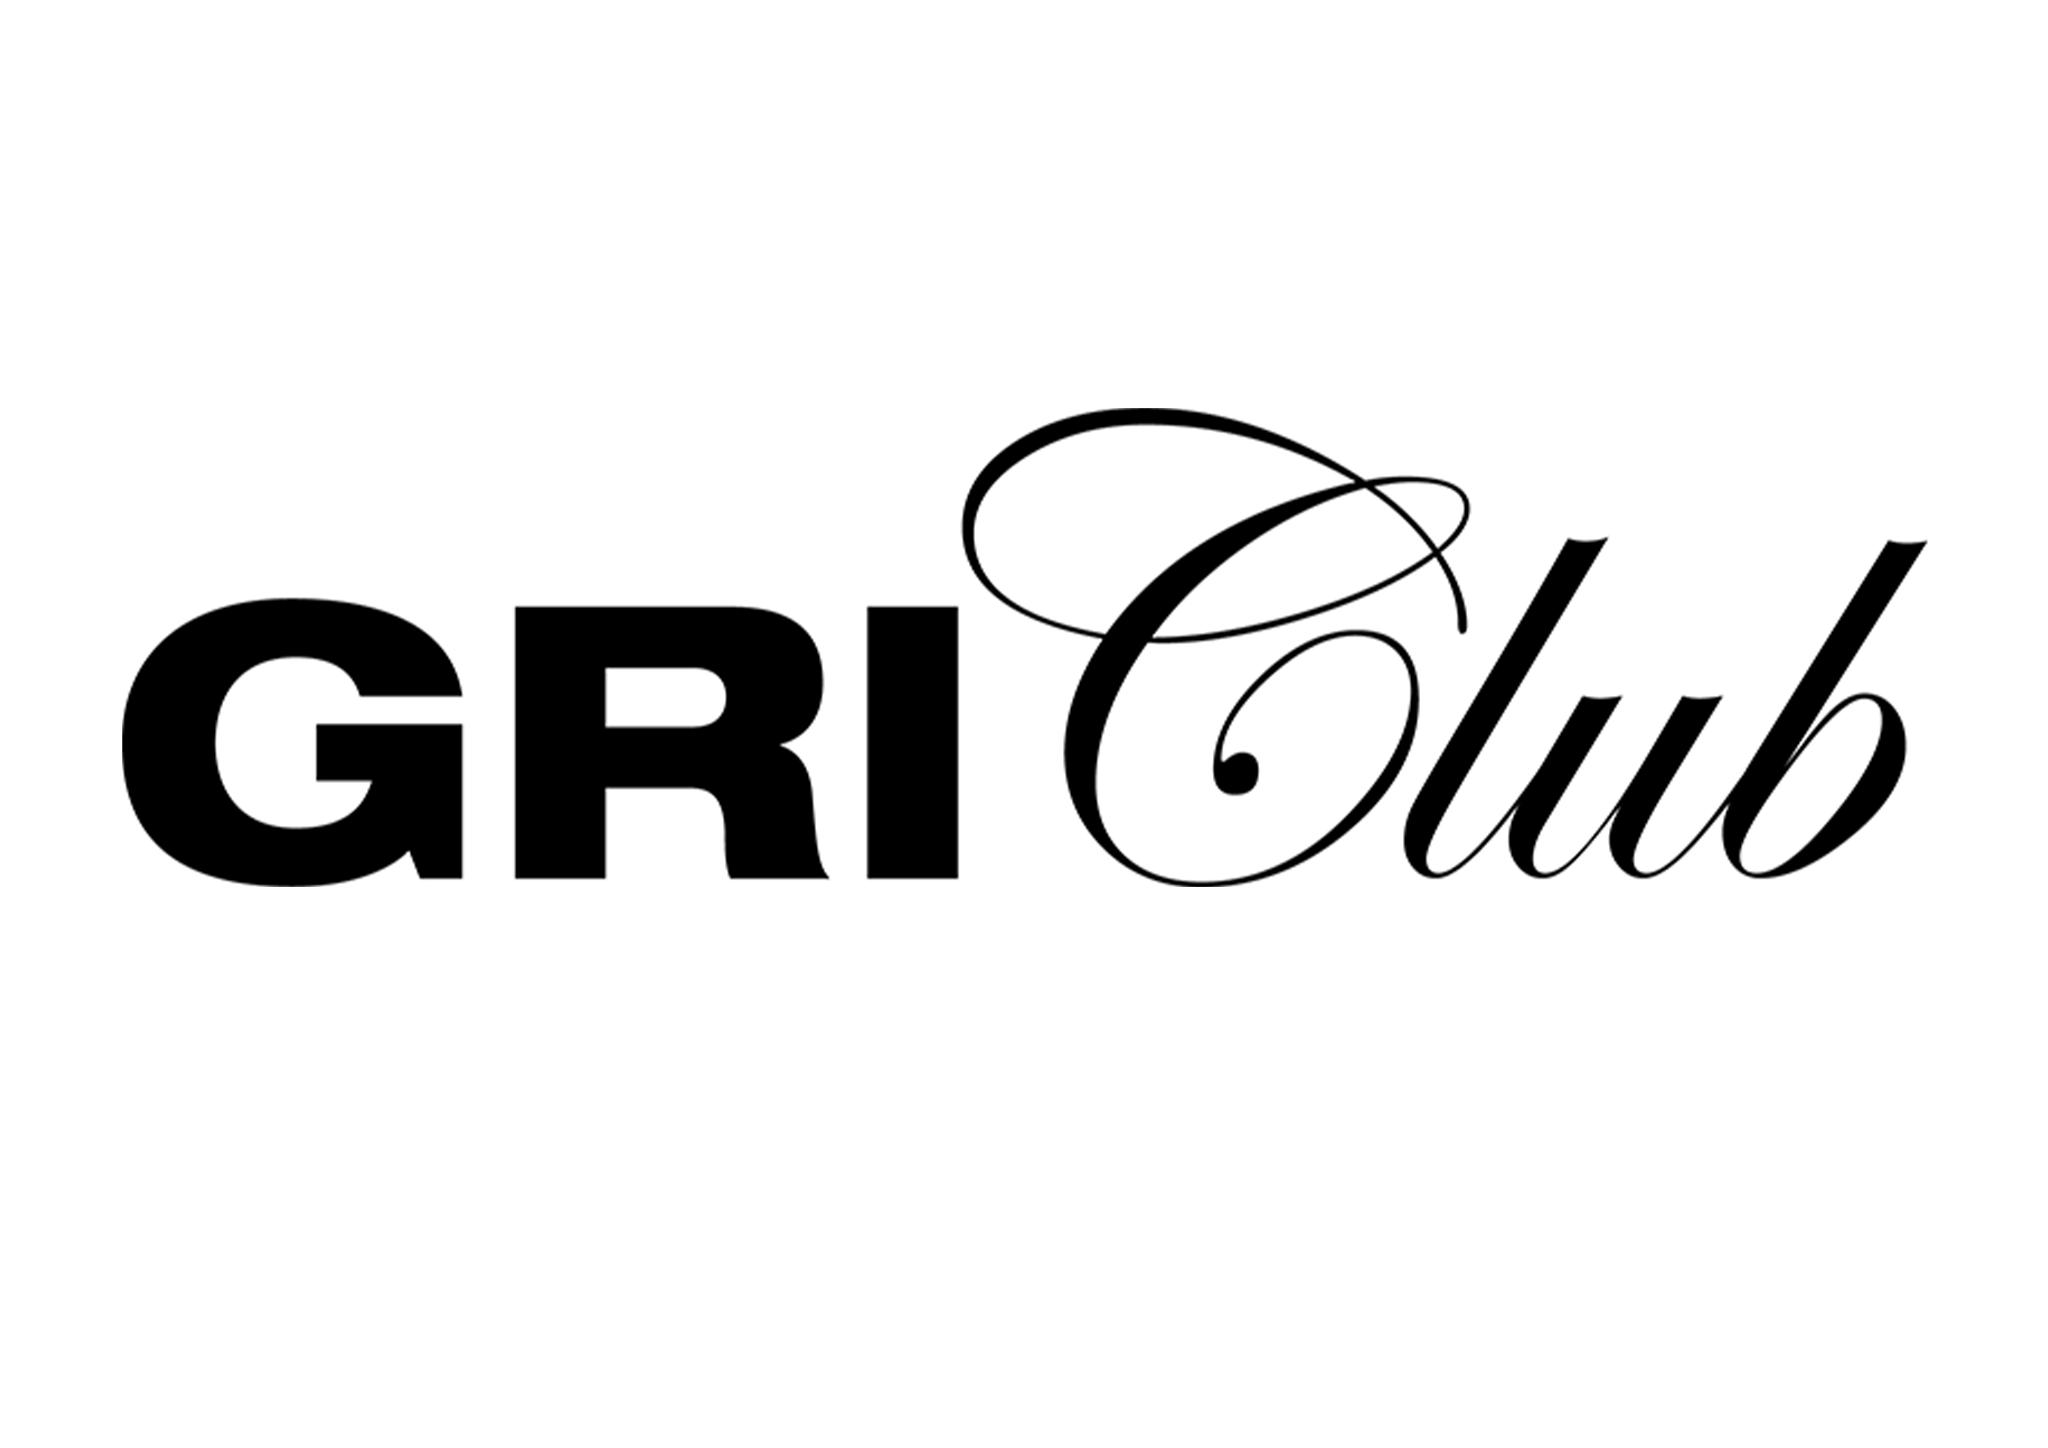 Griclub: Retrofit eleva qualidade de empreendimentos em São Paulo